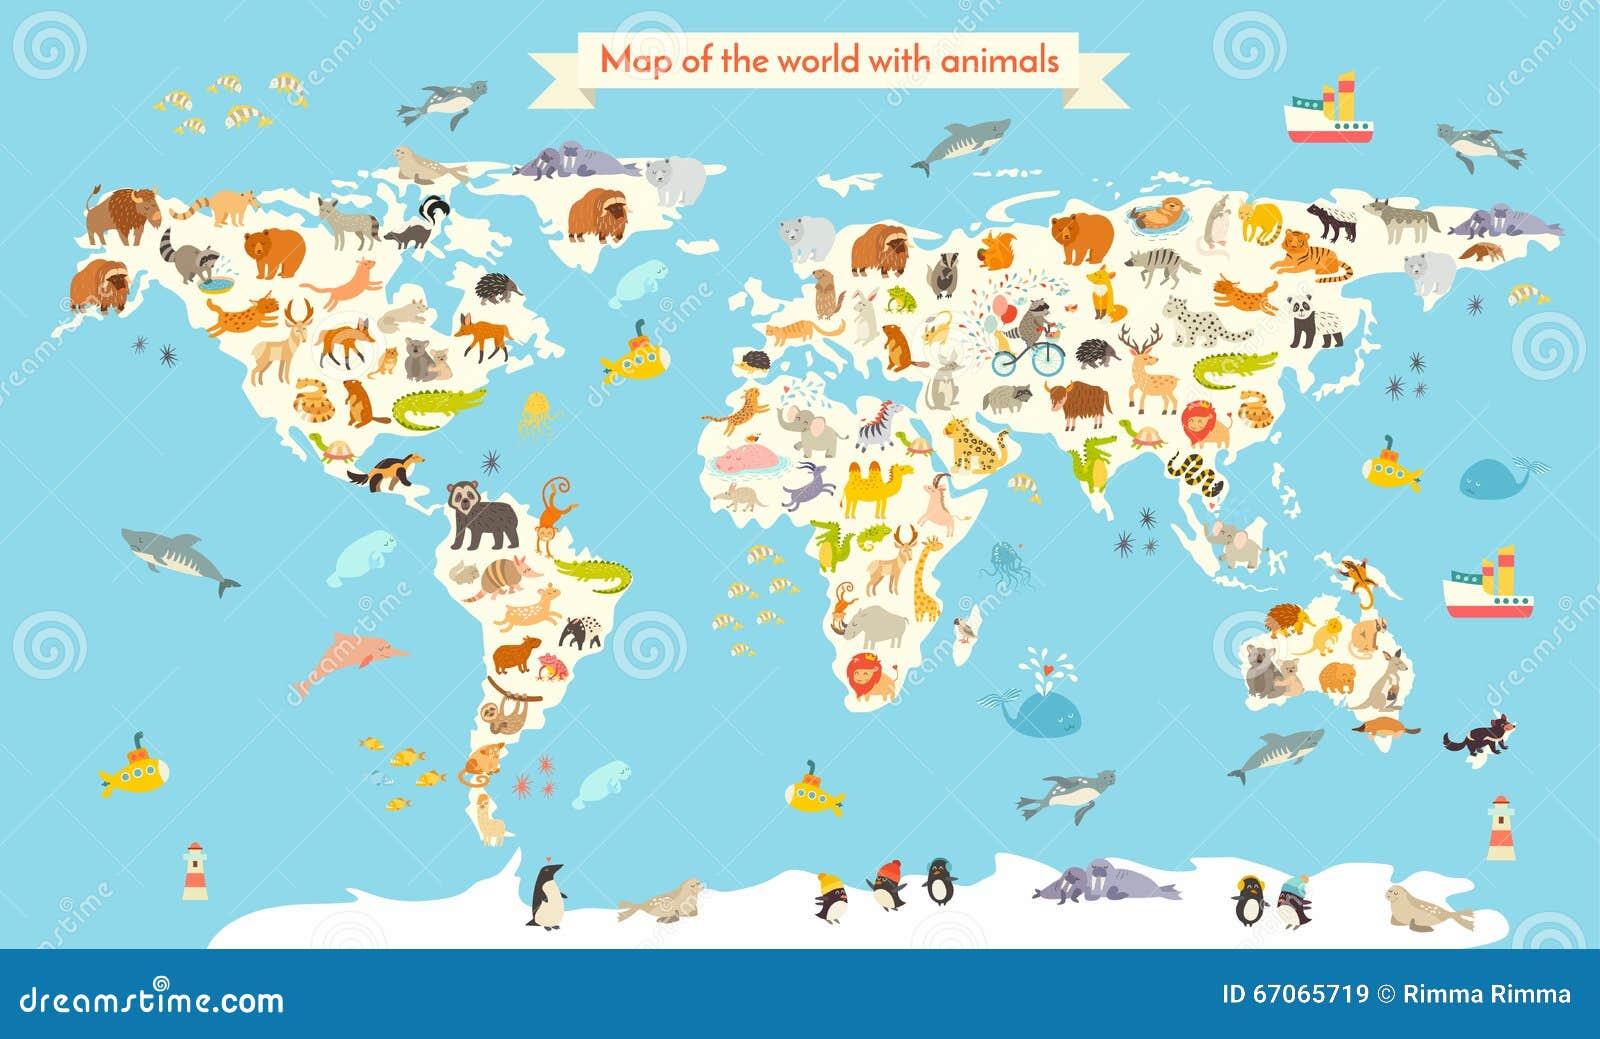 Zoológico De Animais Bebê Dos Desenhos Animados Vetor: Mapa Do Mundo Dos Animais Ilustração Colorida Do Vetor Dos